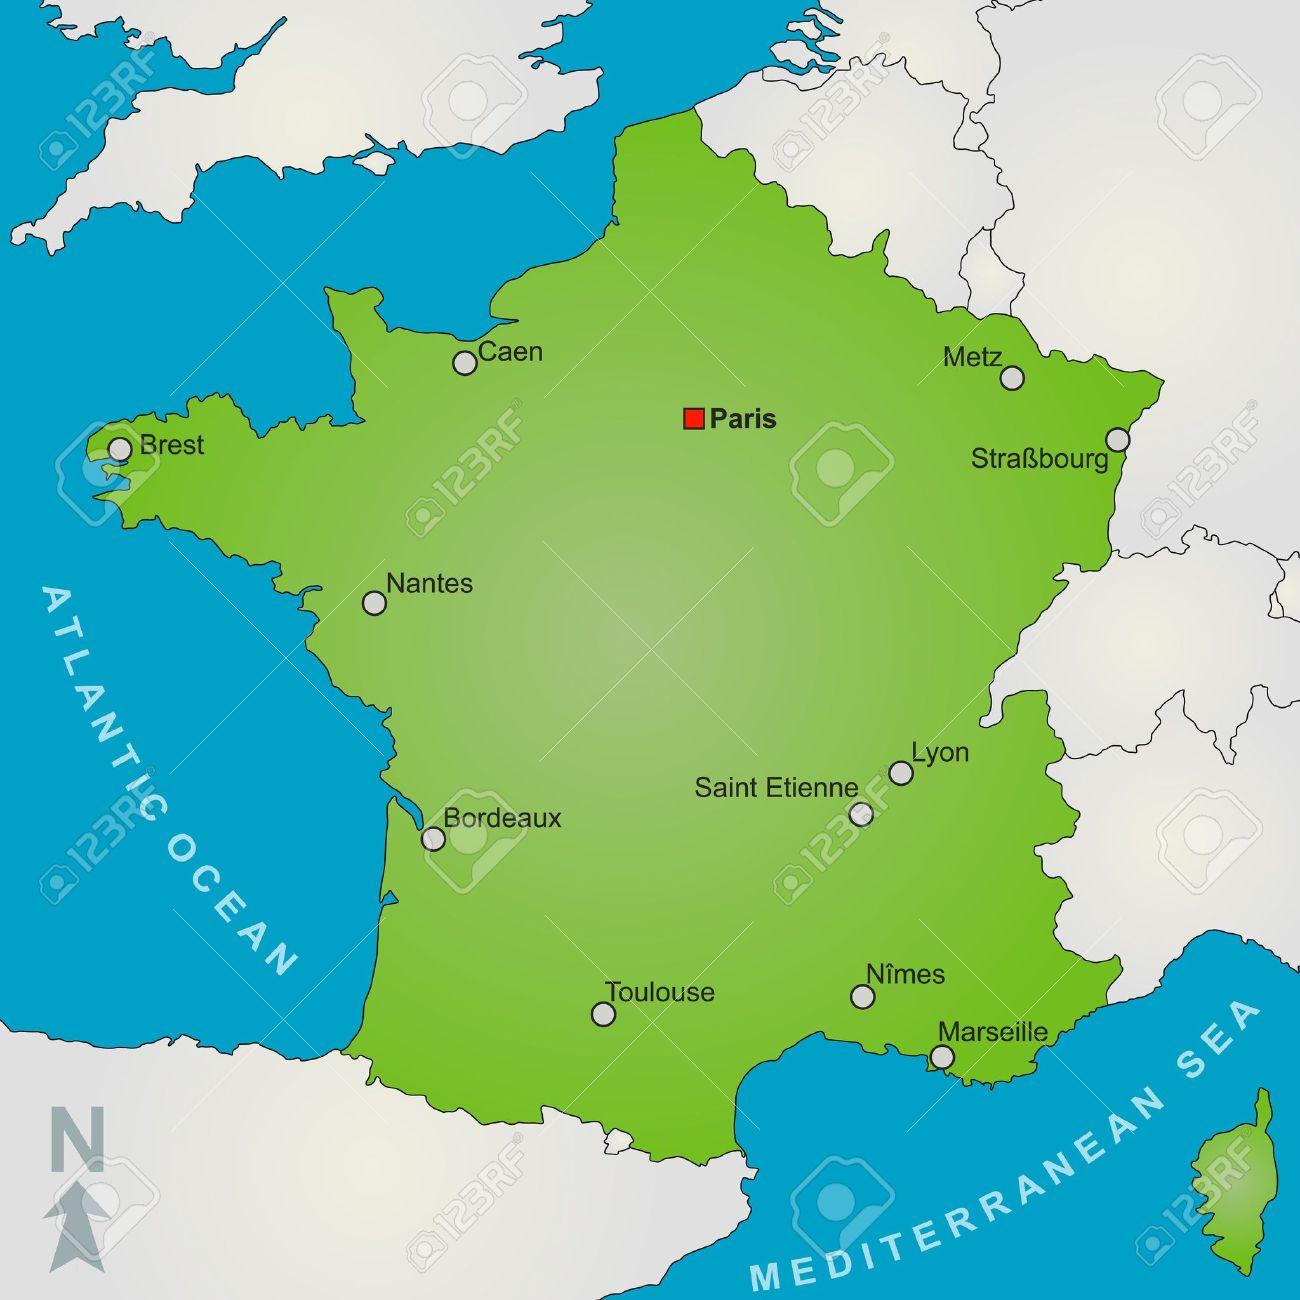 Une Carte Stylisée De Montrant Plusieurs Grandes Villes De France Et À  Proximité De Pays. serapportantà Carte France Principales Villes